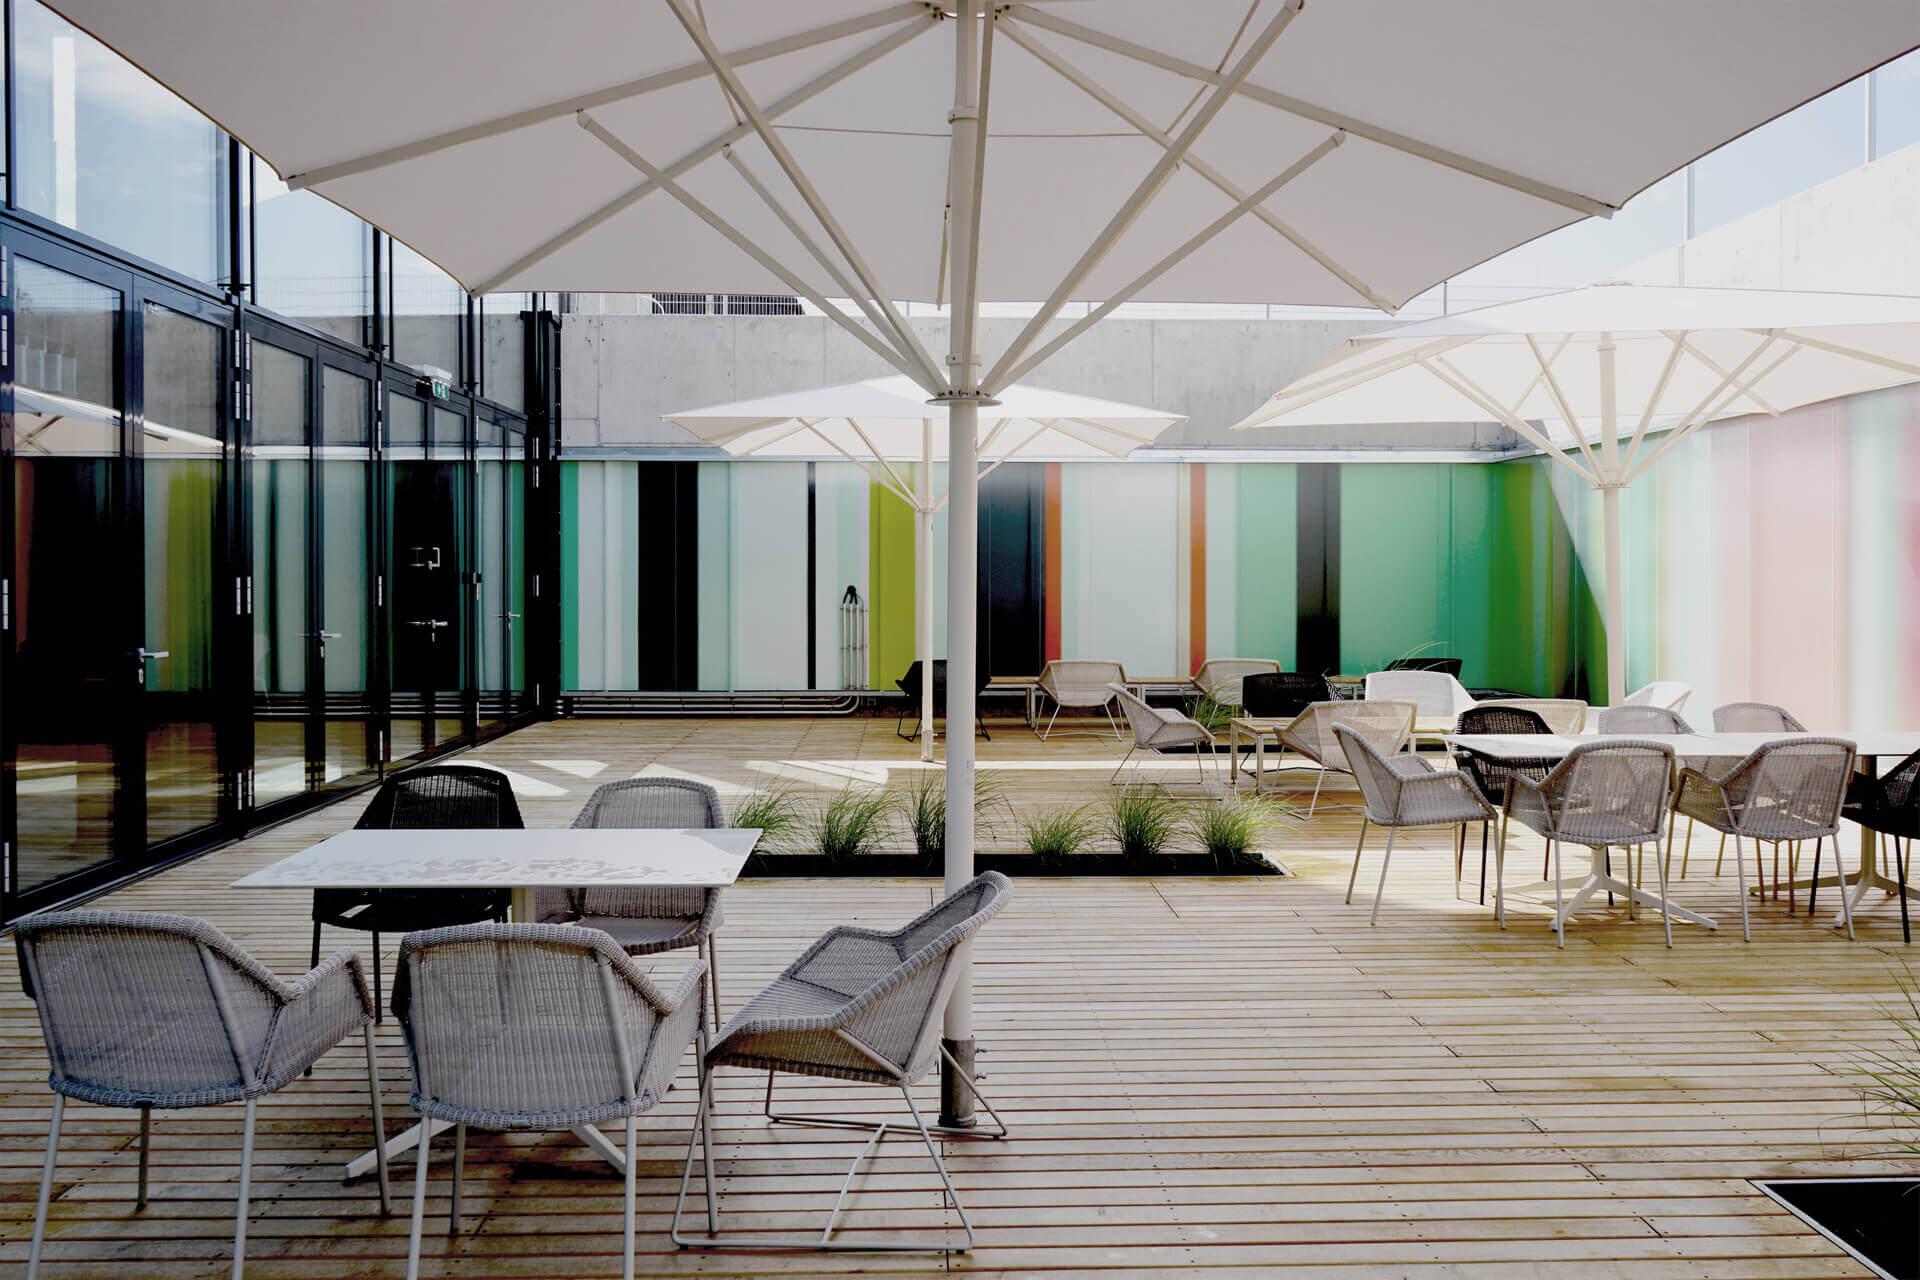 Croma_Headquarter_Architekturprojekt_farkgestaltung_ingo_nussbaumer_querkraft_Terrassenbereich